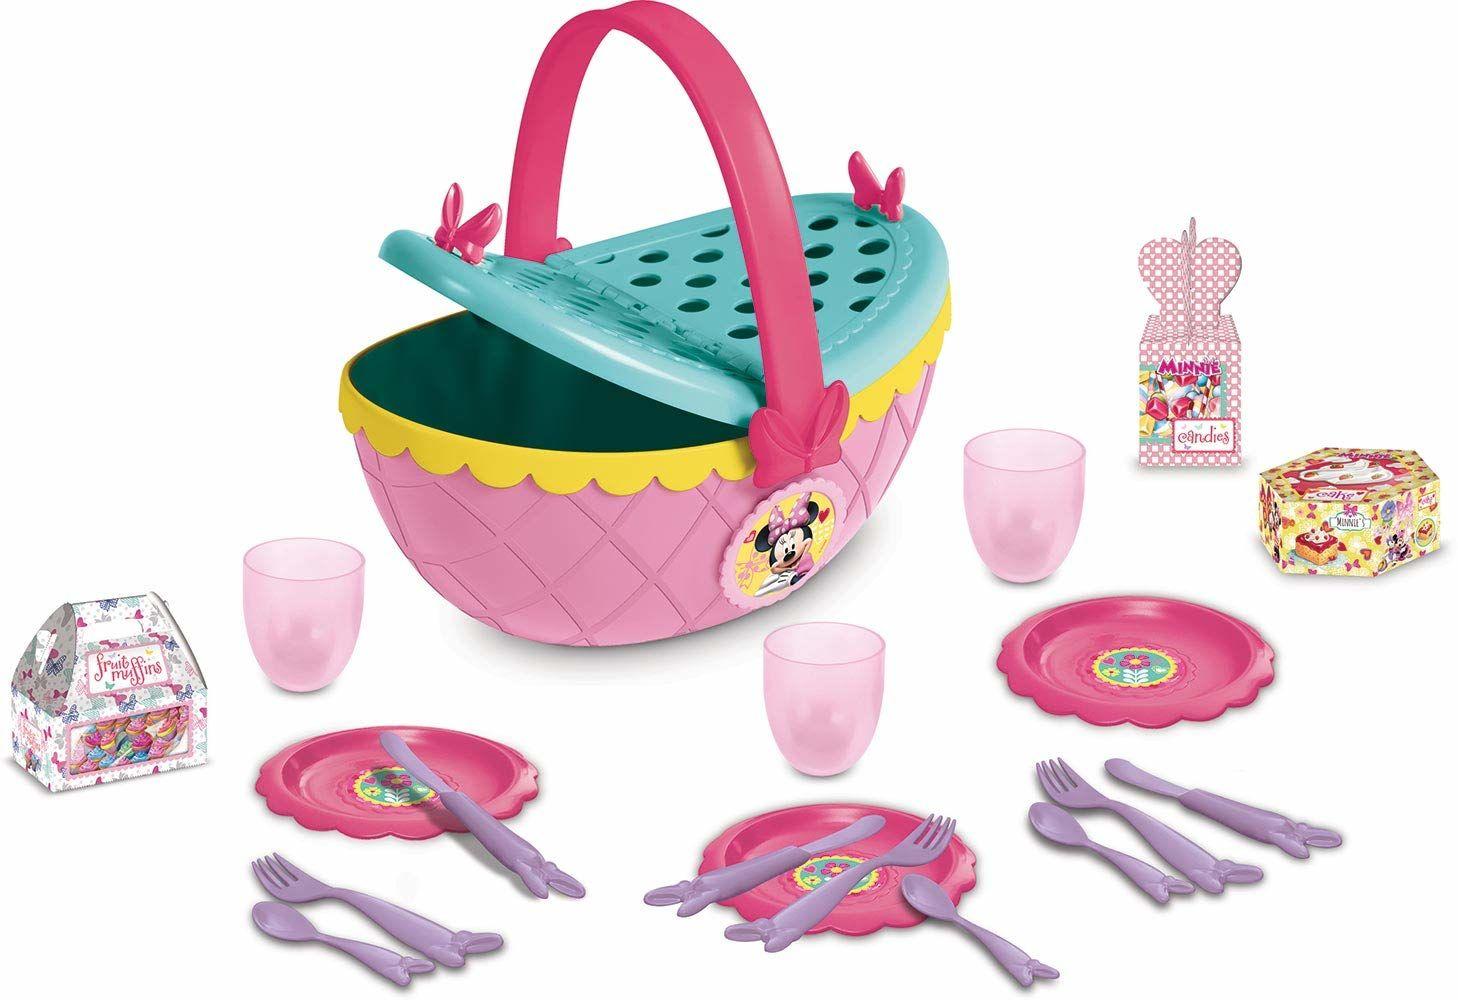 Imc Toys Zestaw Koszyk Piknikowy Myszki Minnie Wraz Z Akcesoriami